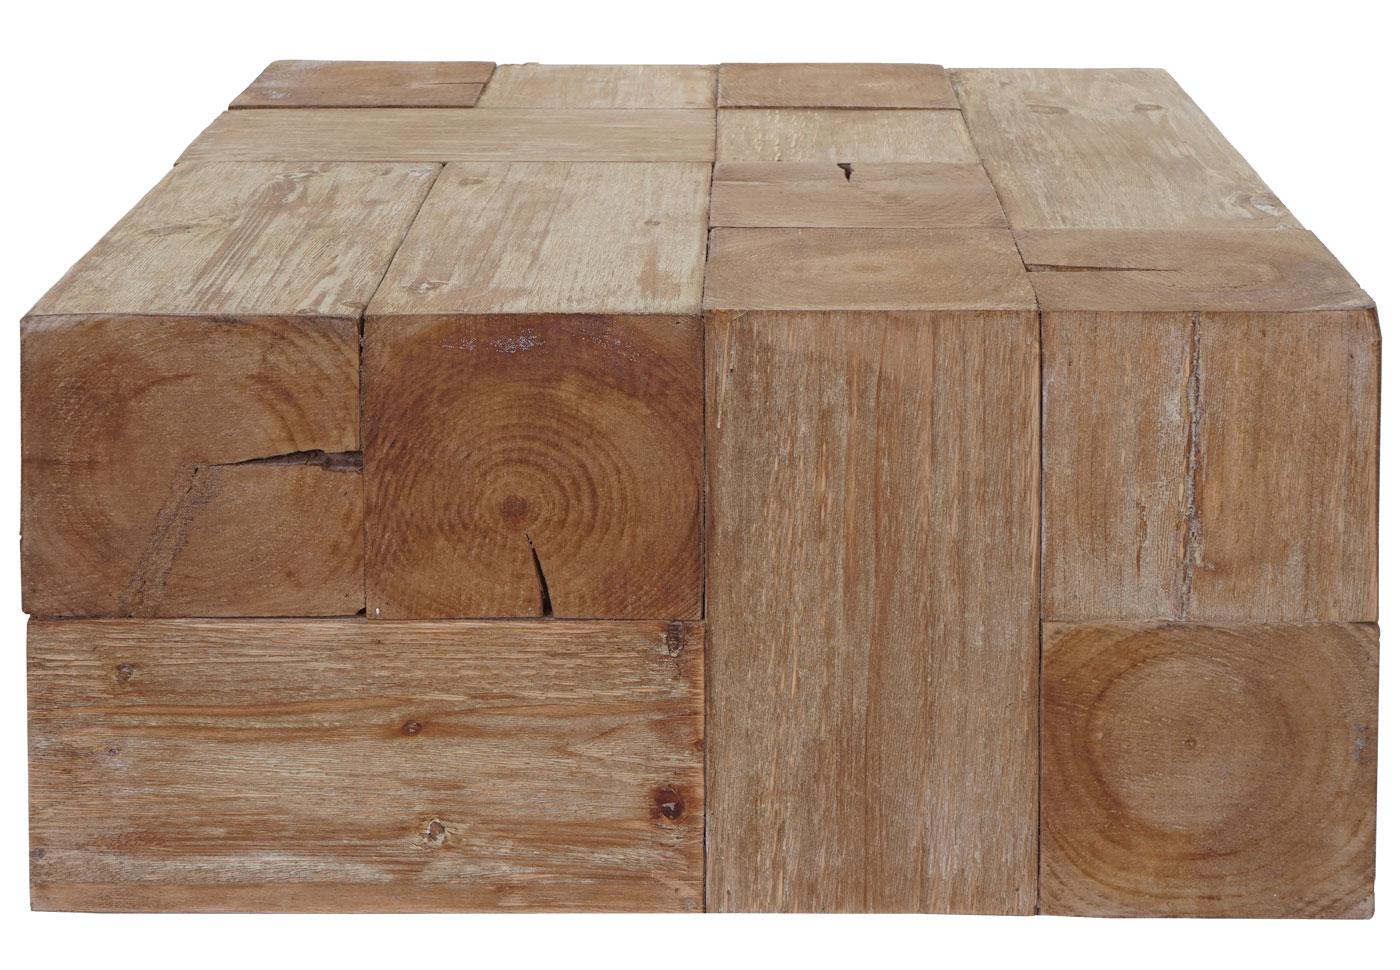 Couchtisch Hwc A15c Wohnzimmertisch Tanne Holz Rustikal Massiv